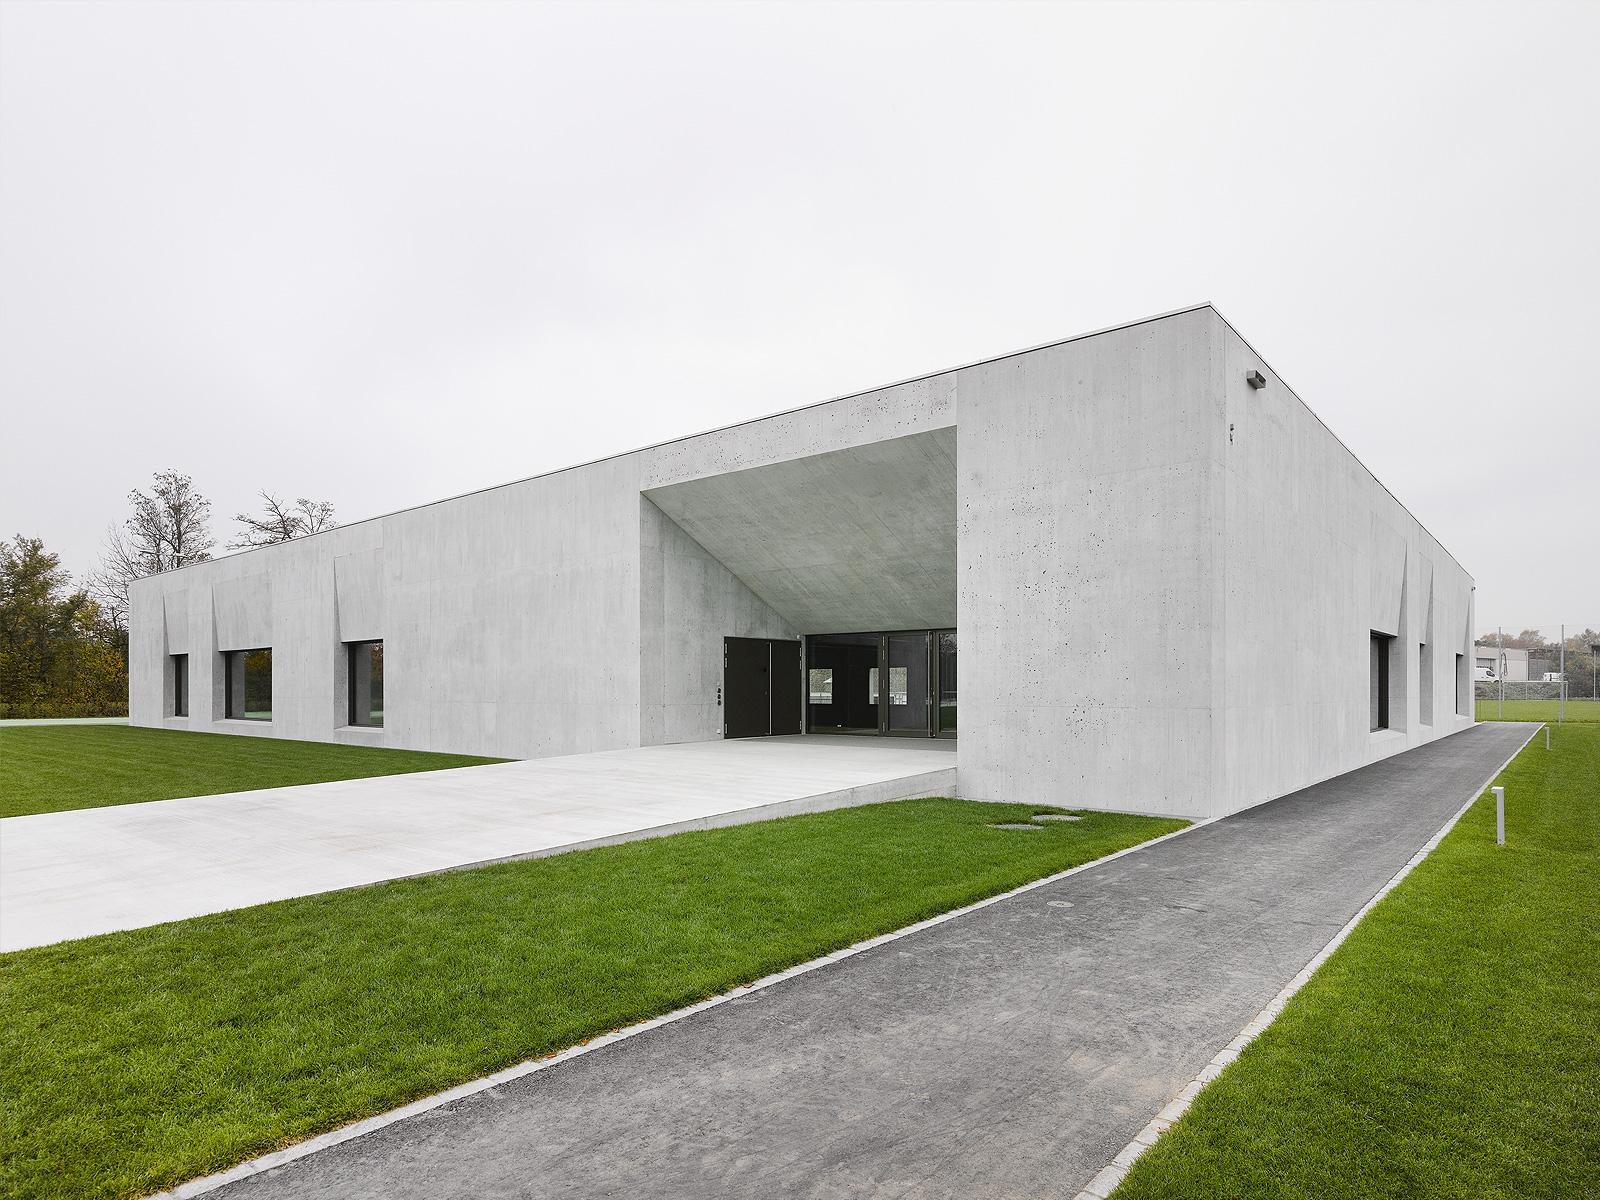 best architects architektur award ffbk architekten ag ffbk architekten ag. Black Bedroom Furniture Sets. Home Design Ideas